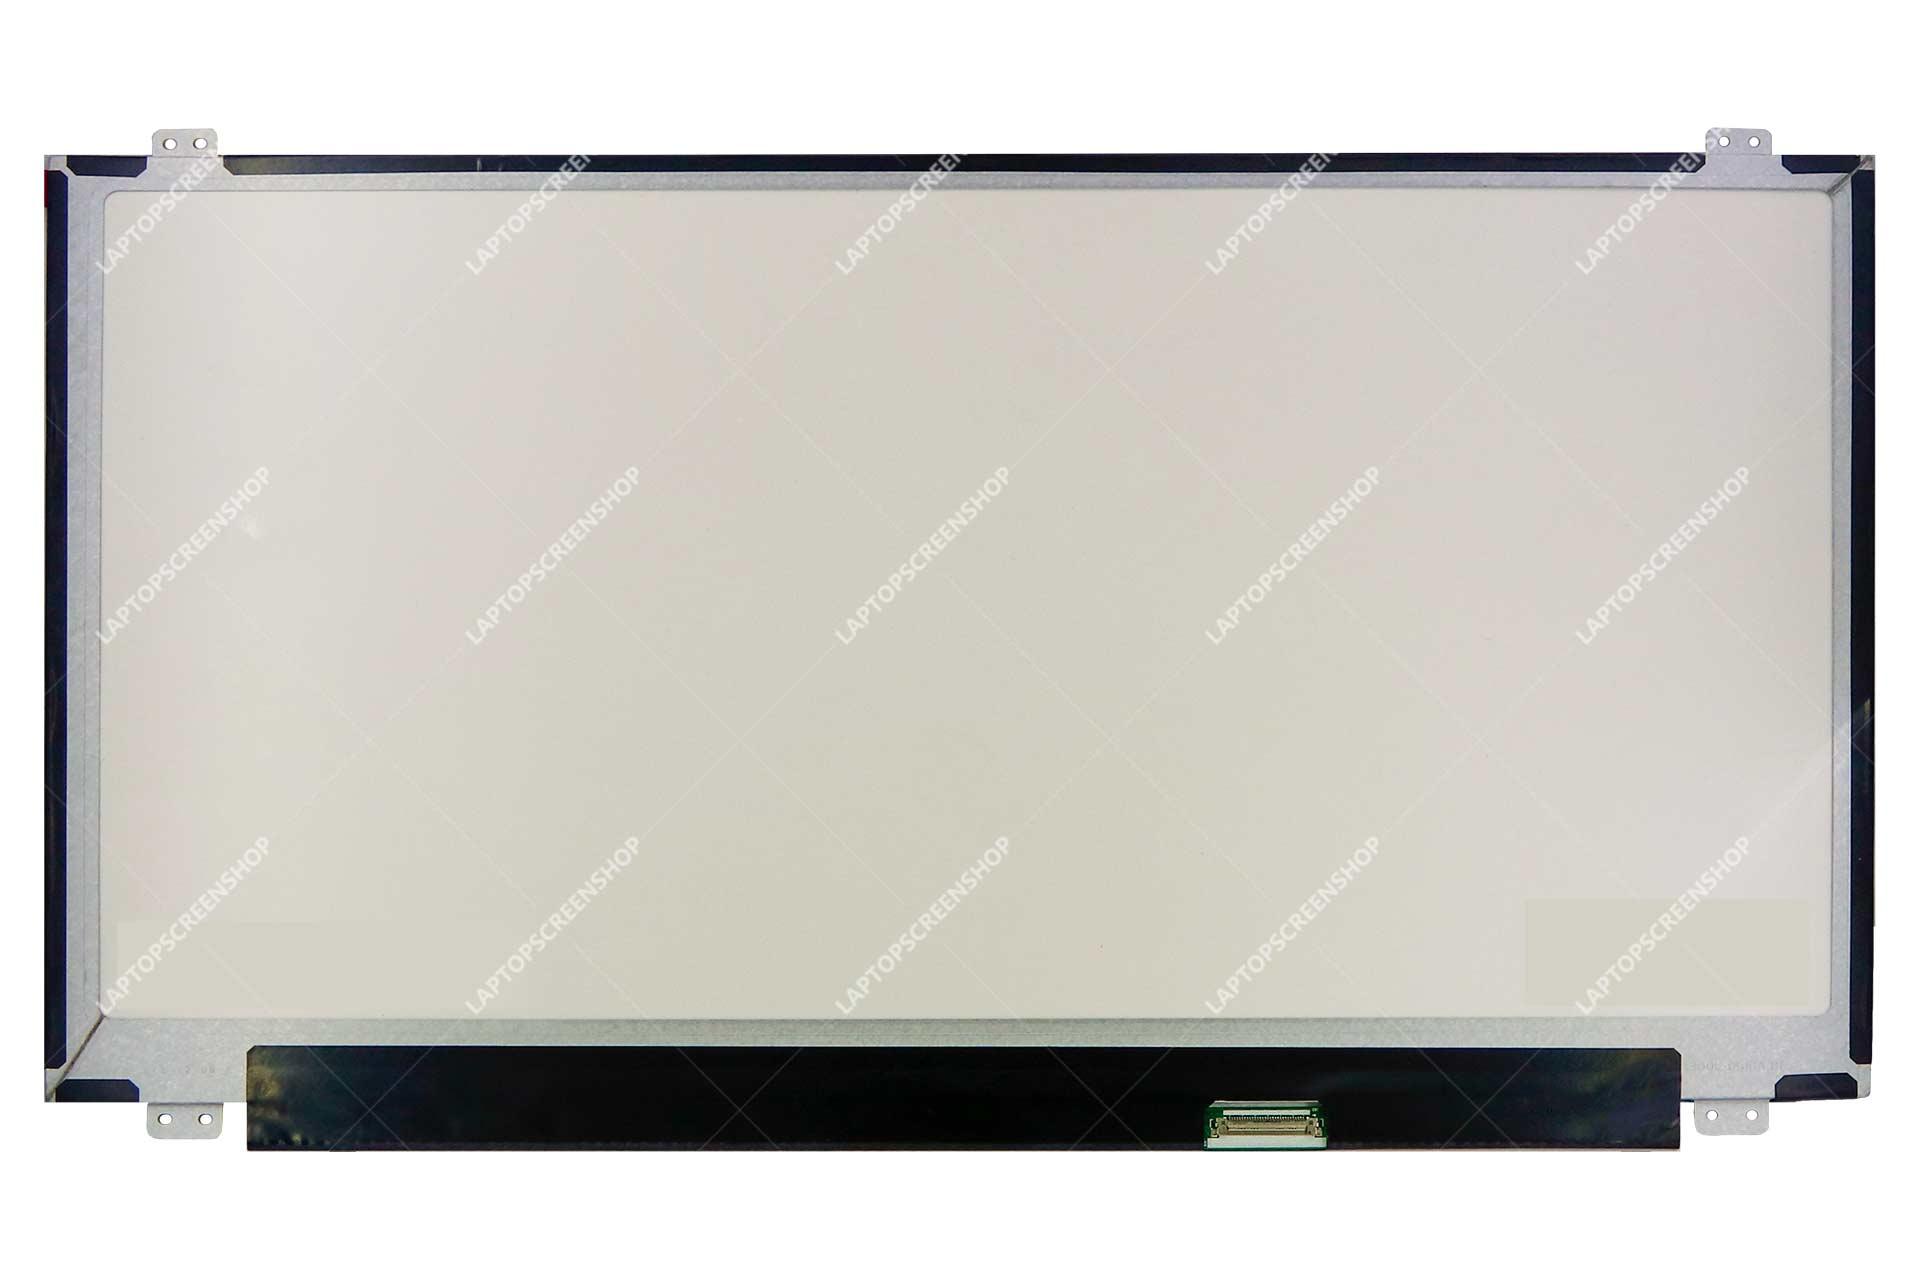 ACER-ASPIRE- E5-511-C56Z-LCD |HD|فروشگاه لپ تاپ اسکرين | تعمير لپ تاپ